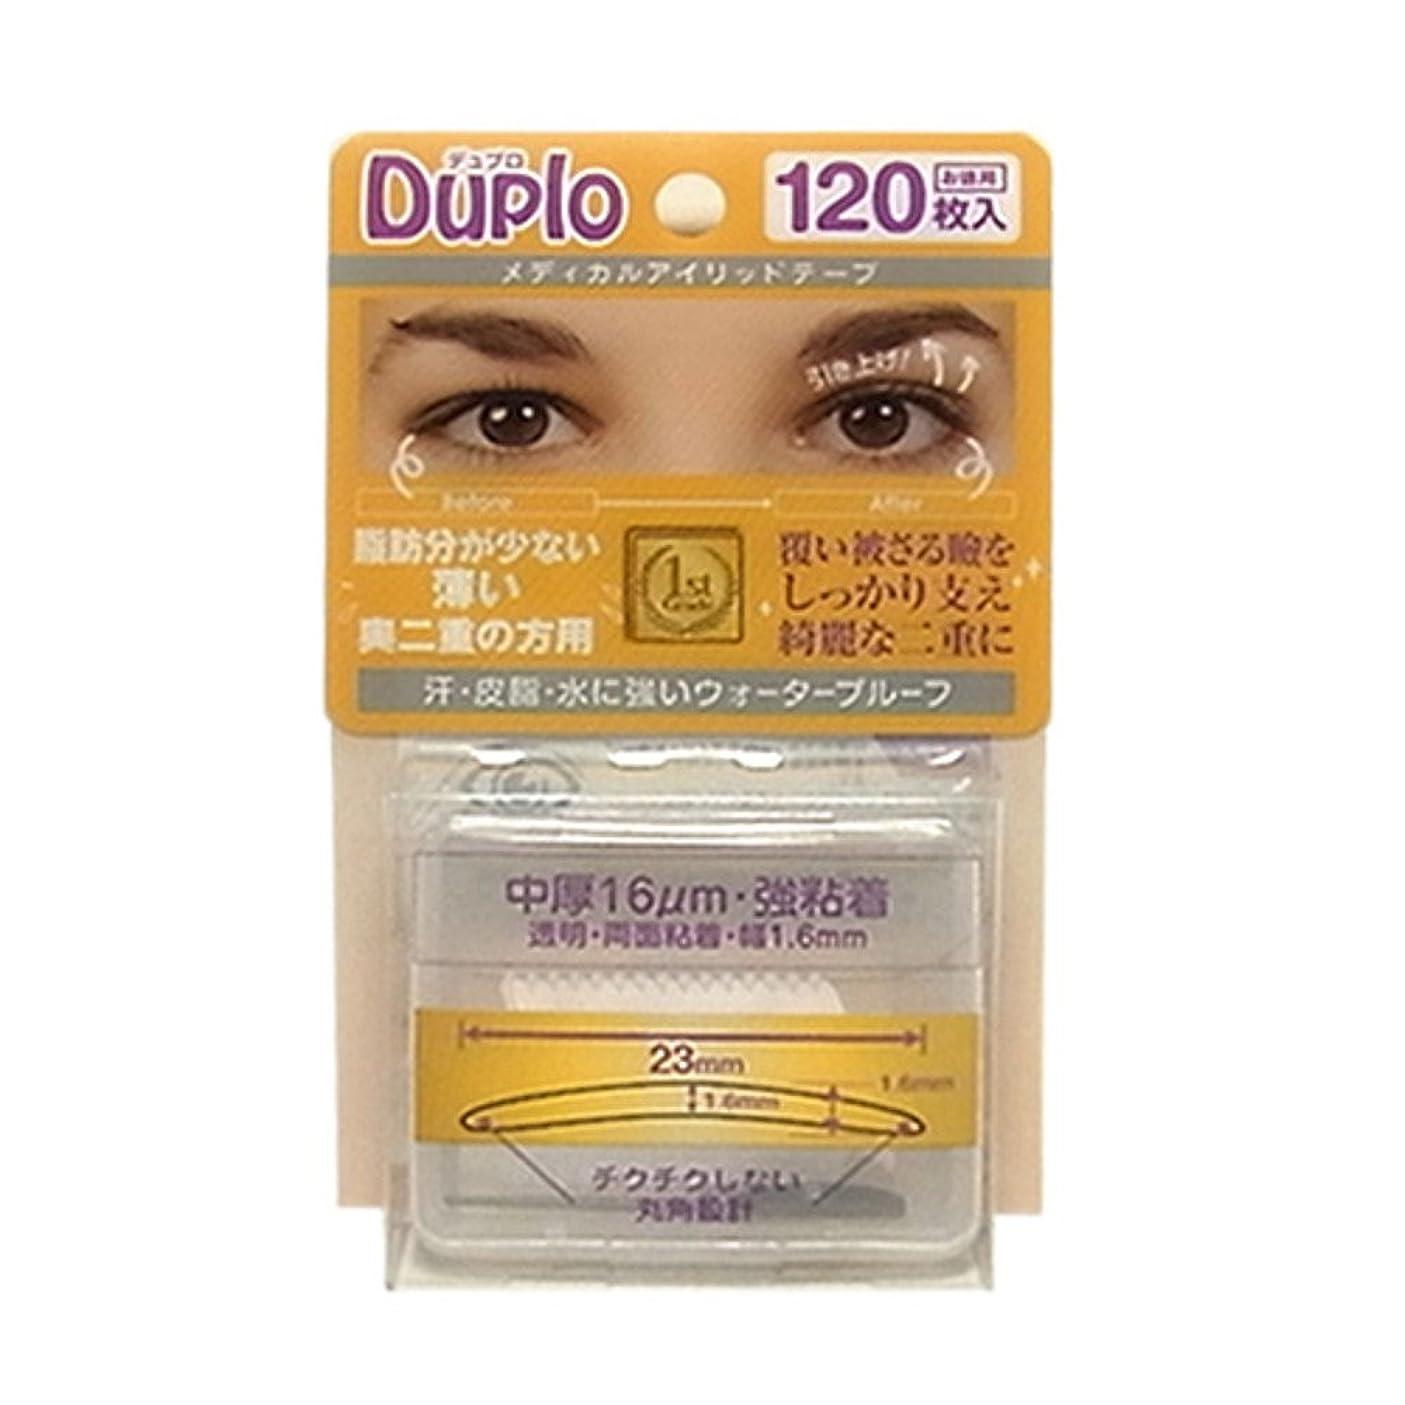 大通りカポック批判的Duplo デュプロ メディカルアイリッドテープ 中厚 16μm 強粘着 (眼瞼下垂防止用テープ)透明?両面 120枚入